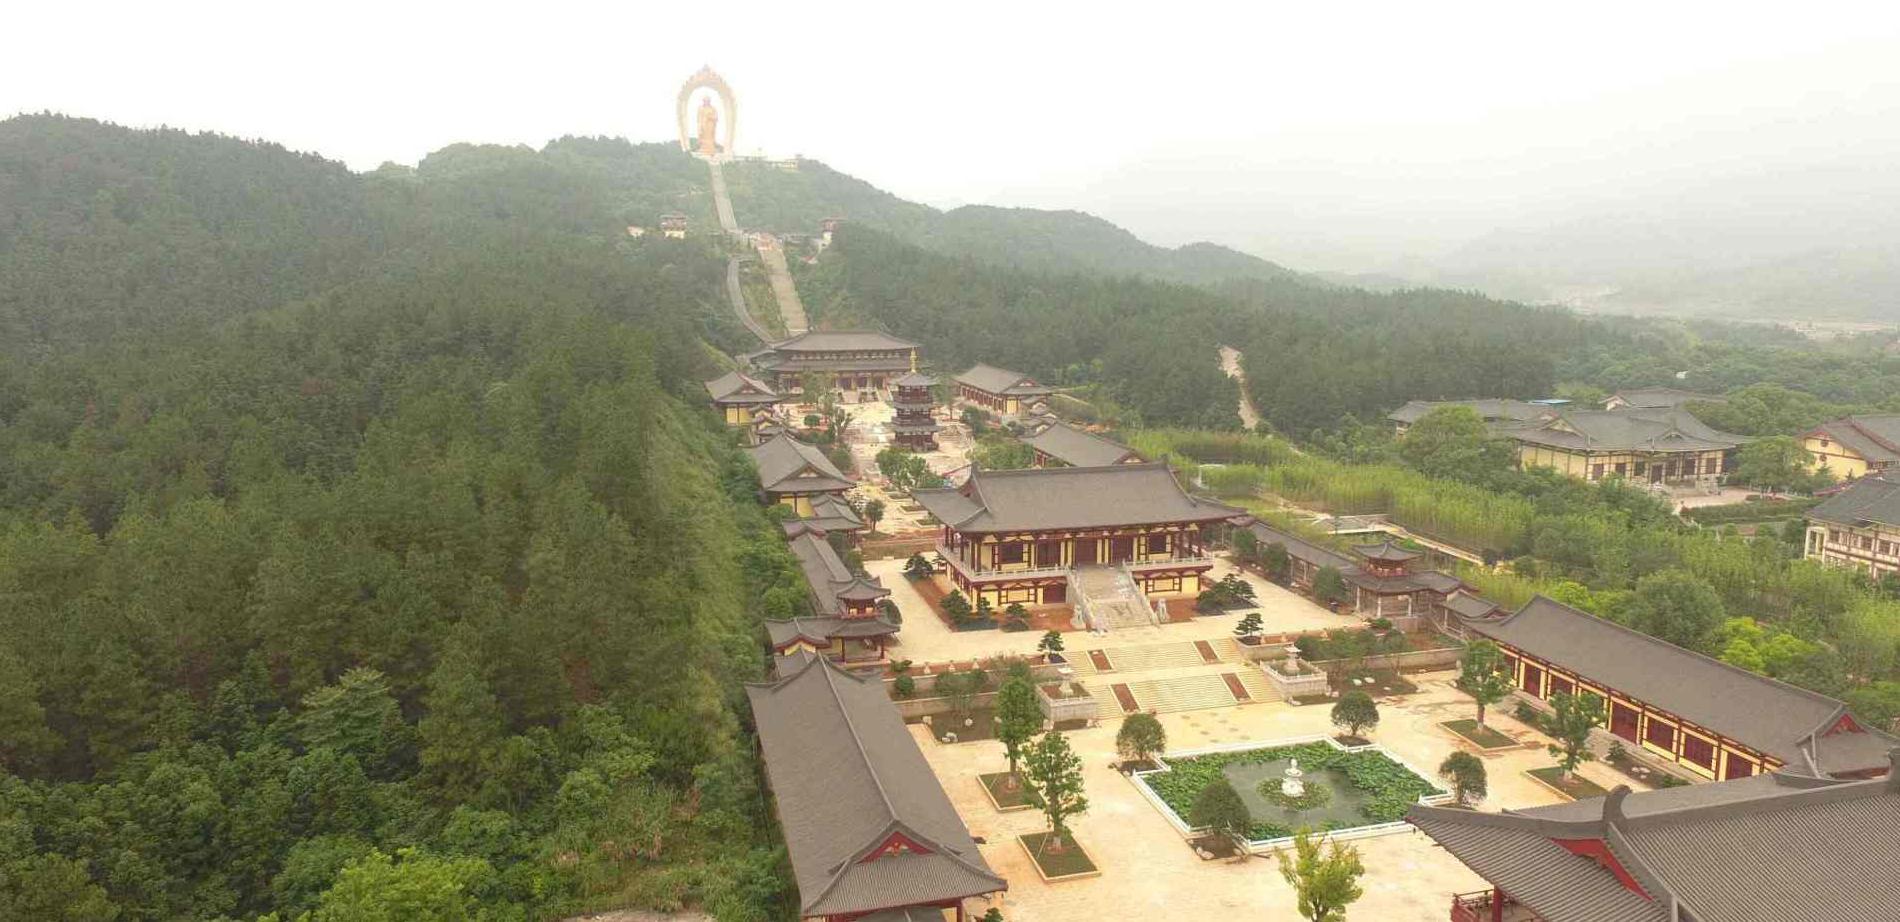 庐山东林寺!跨越千年的古寺,日本佛教将其视为祖庭!